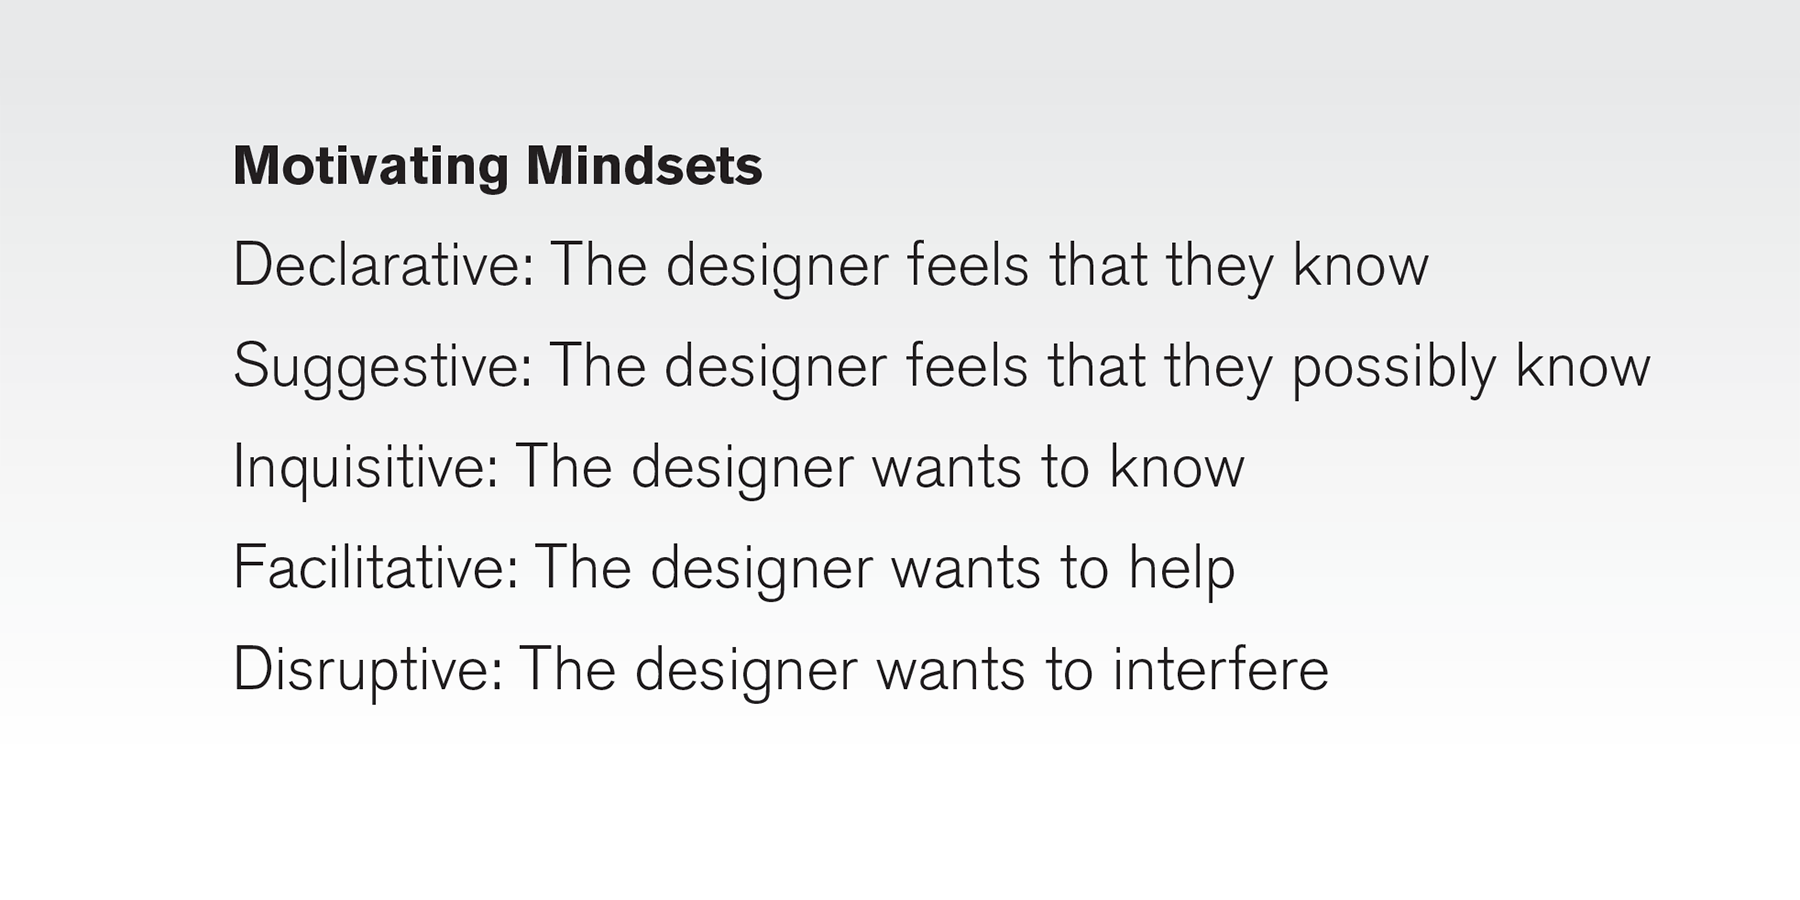 Motivating Mindsets